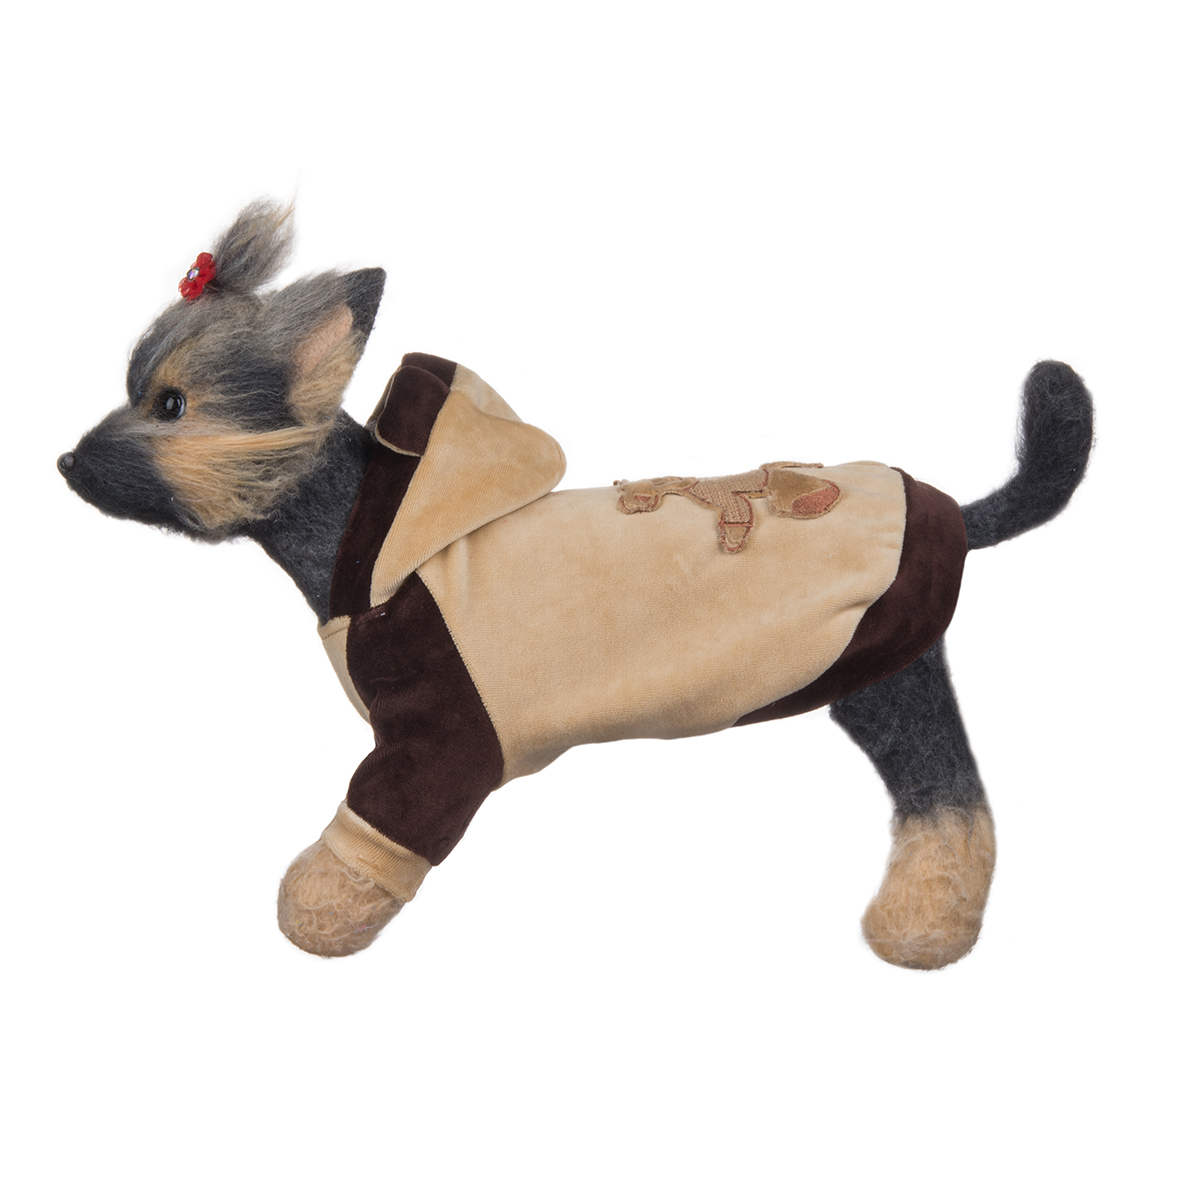 Куртка для собак Dogmoda Мишка, унисекс, цвет: коричневый, бежевый. Размер 1 (S) догмода футболка с капюшоном для собак dogmoda 1